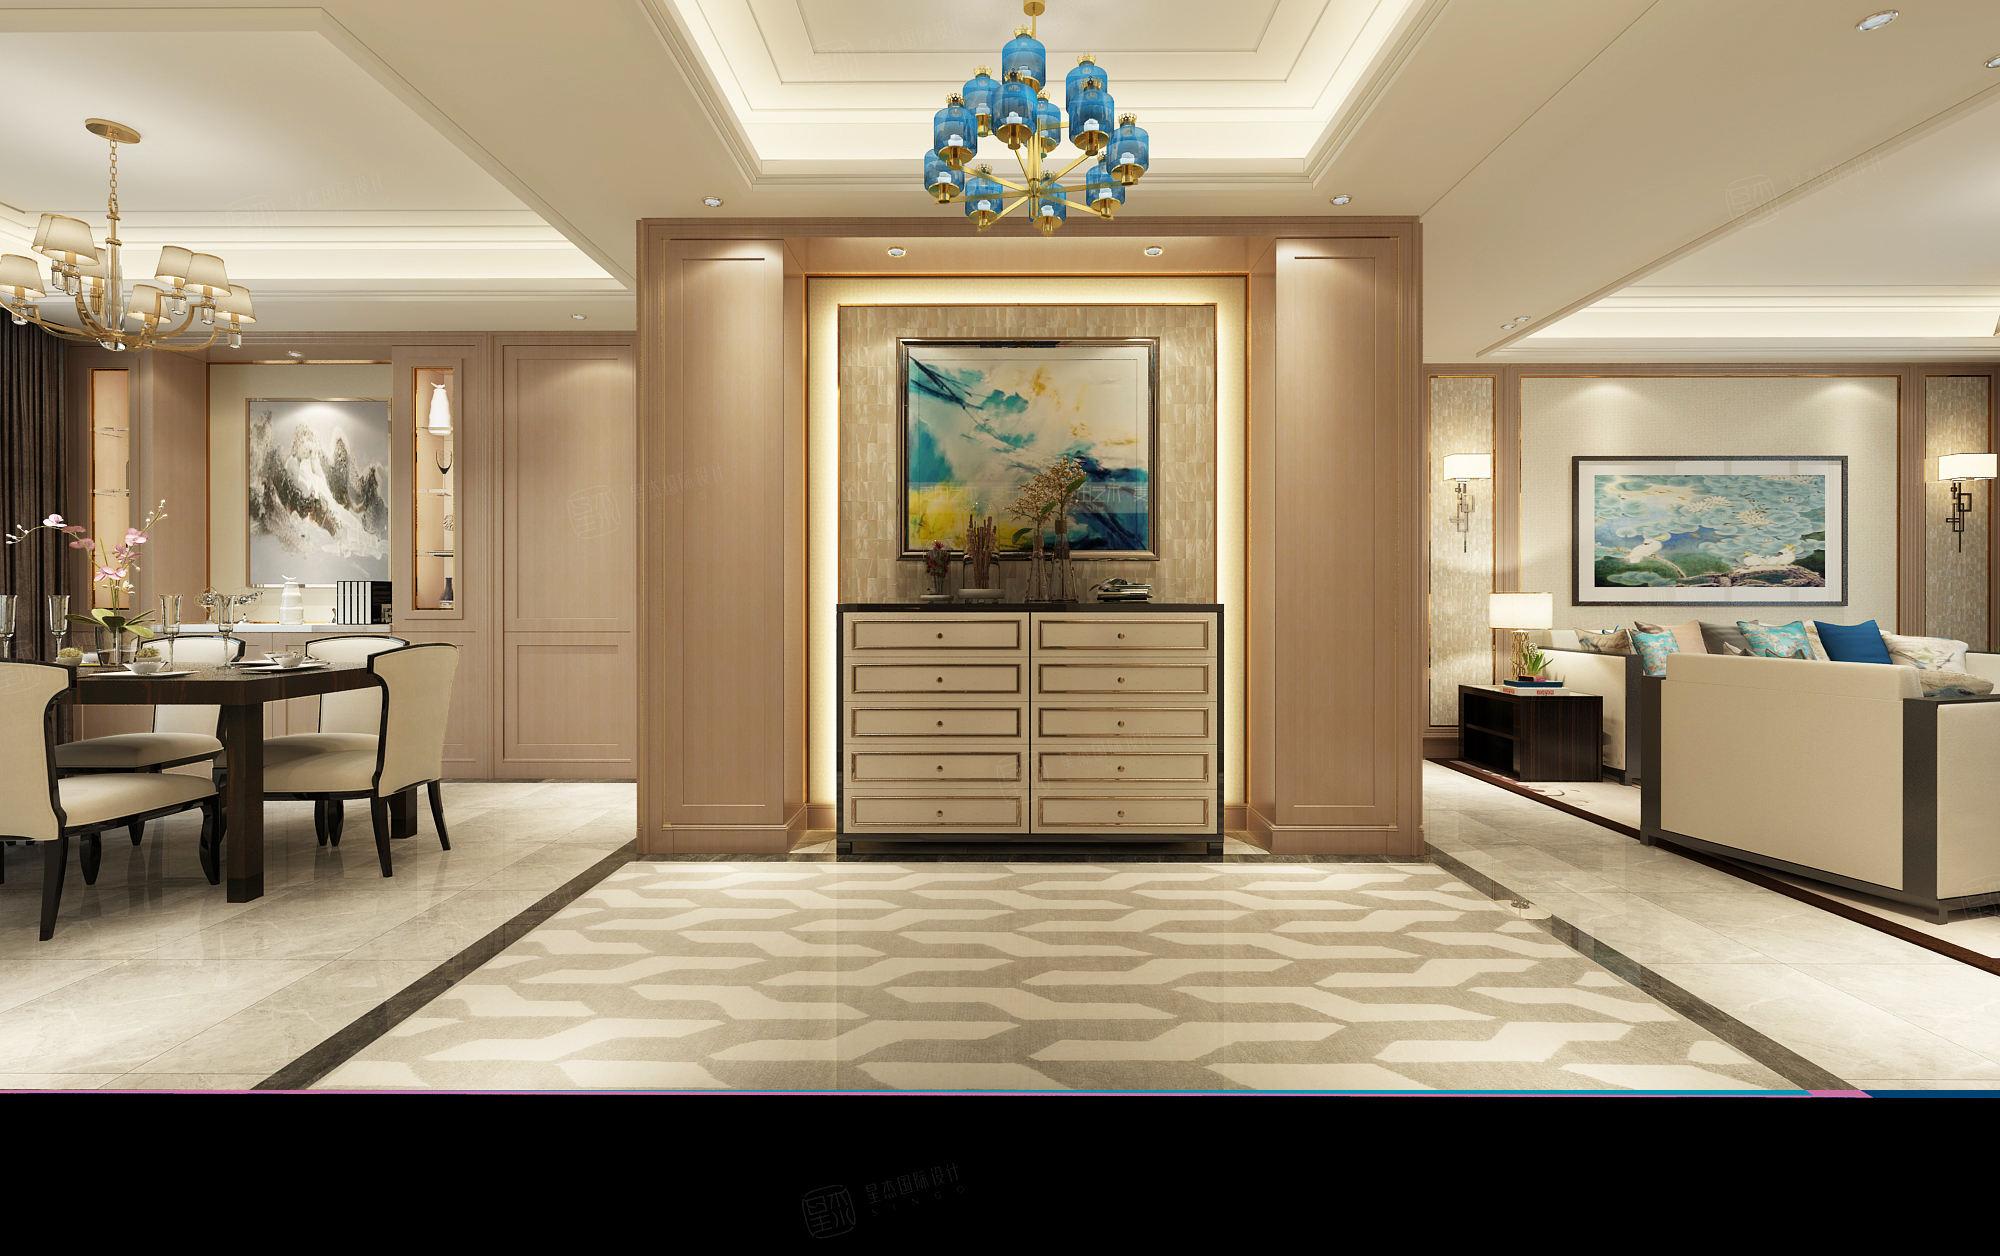 尚汇豪庭 现代简约装修门厅效果图